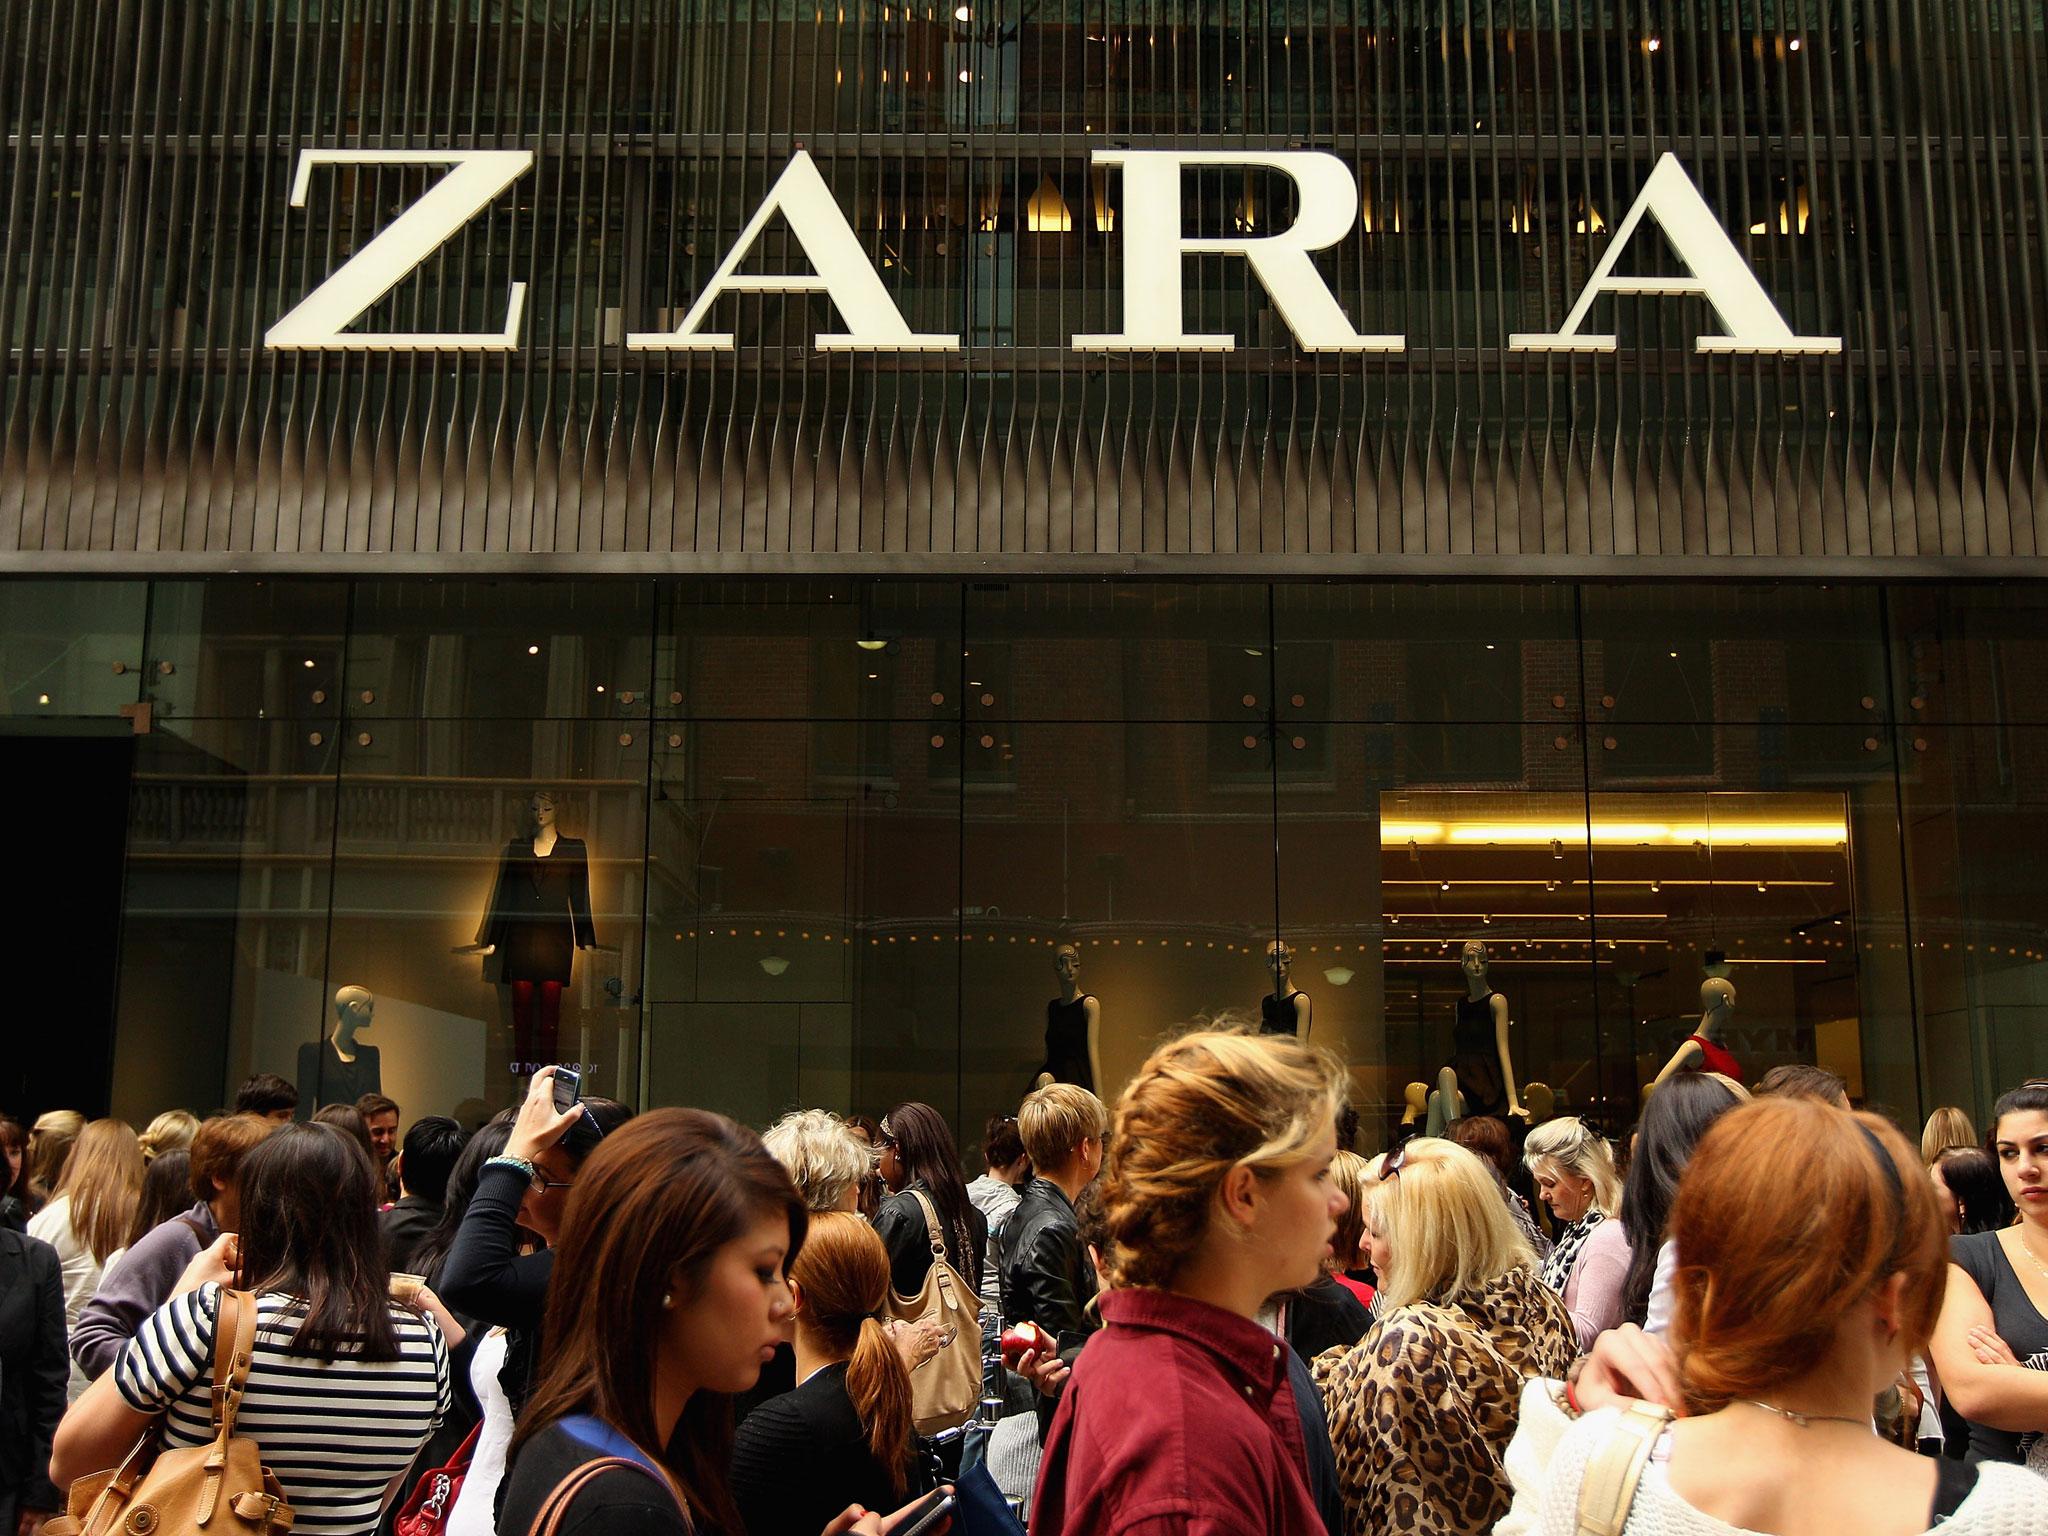 Zara, thương hiệu thời trang bình dân số 1 & 10 bí mật hay ho cần phải biết - Ảnh 1.